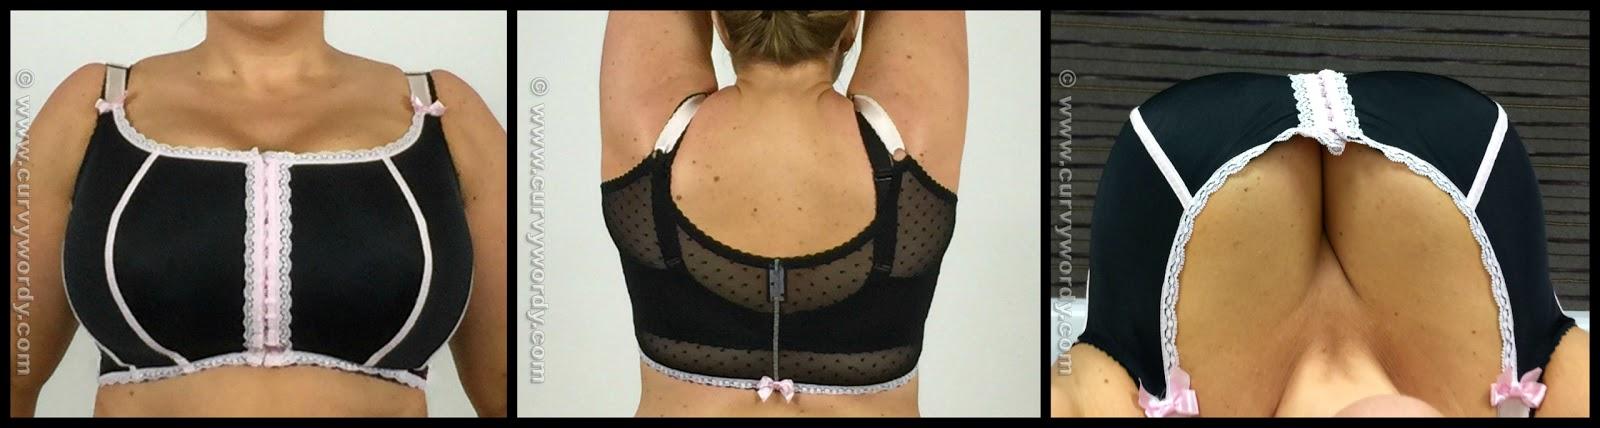 26266a7a47 My quest for a sleep bra  Ewa Michalak Nina Top 34KK 75KK - Curvy Wordy